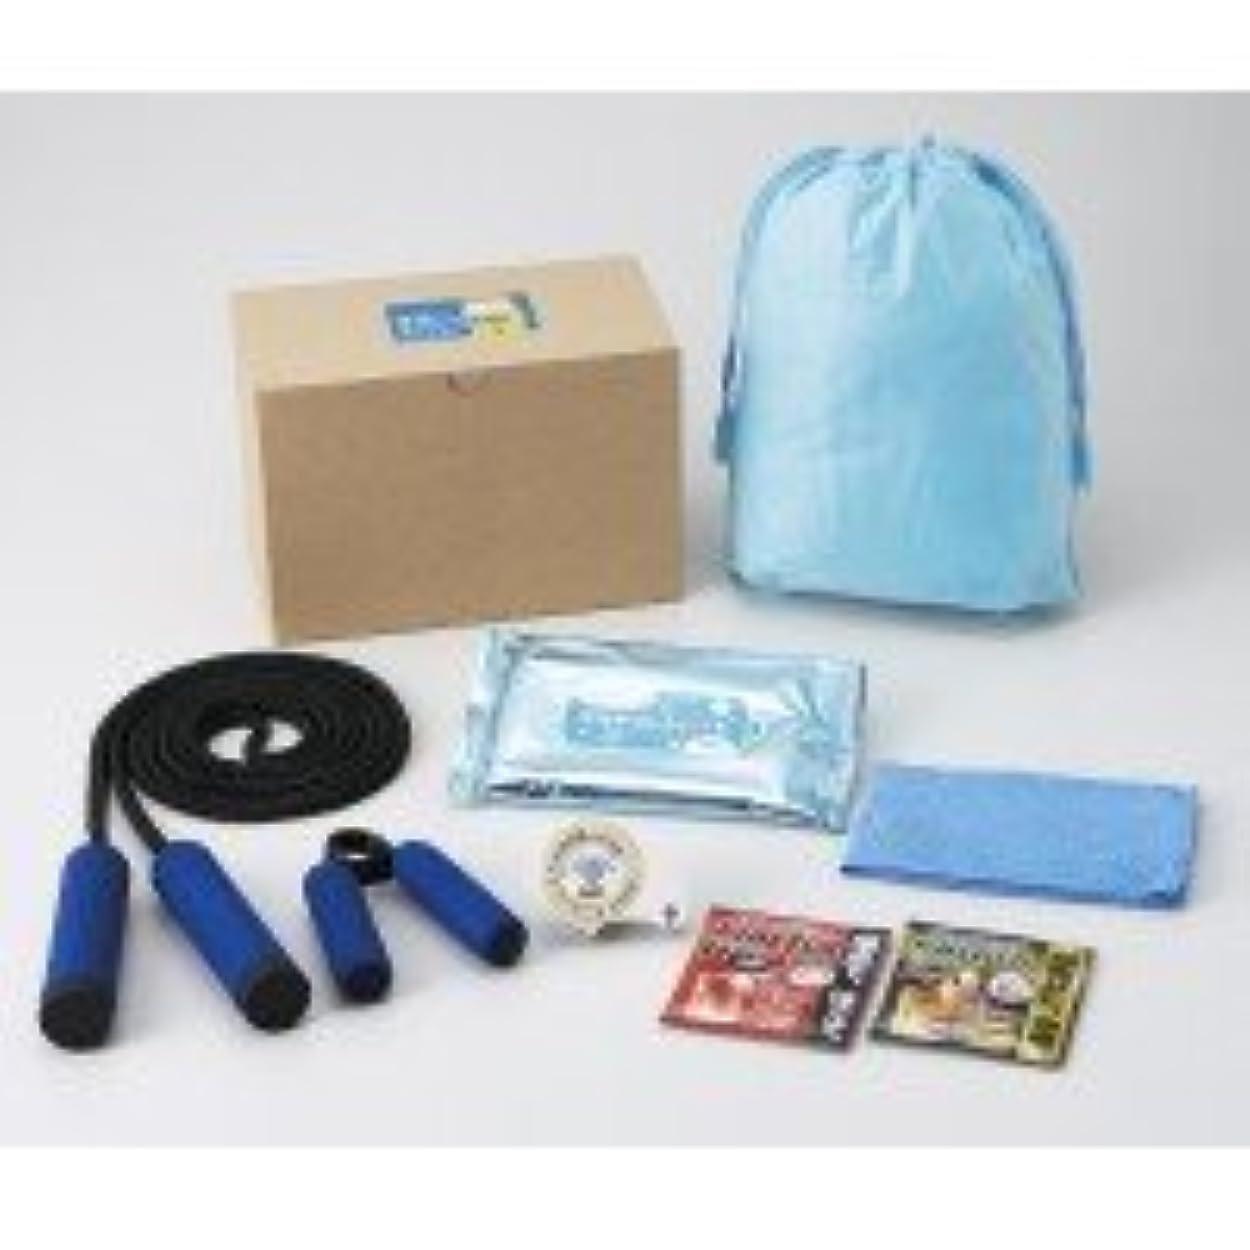 泥節約谷健康エクササイズ ボディケアセット304 55-304